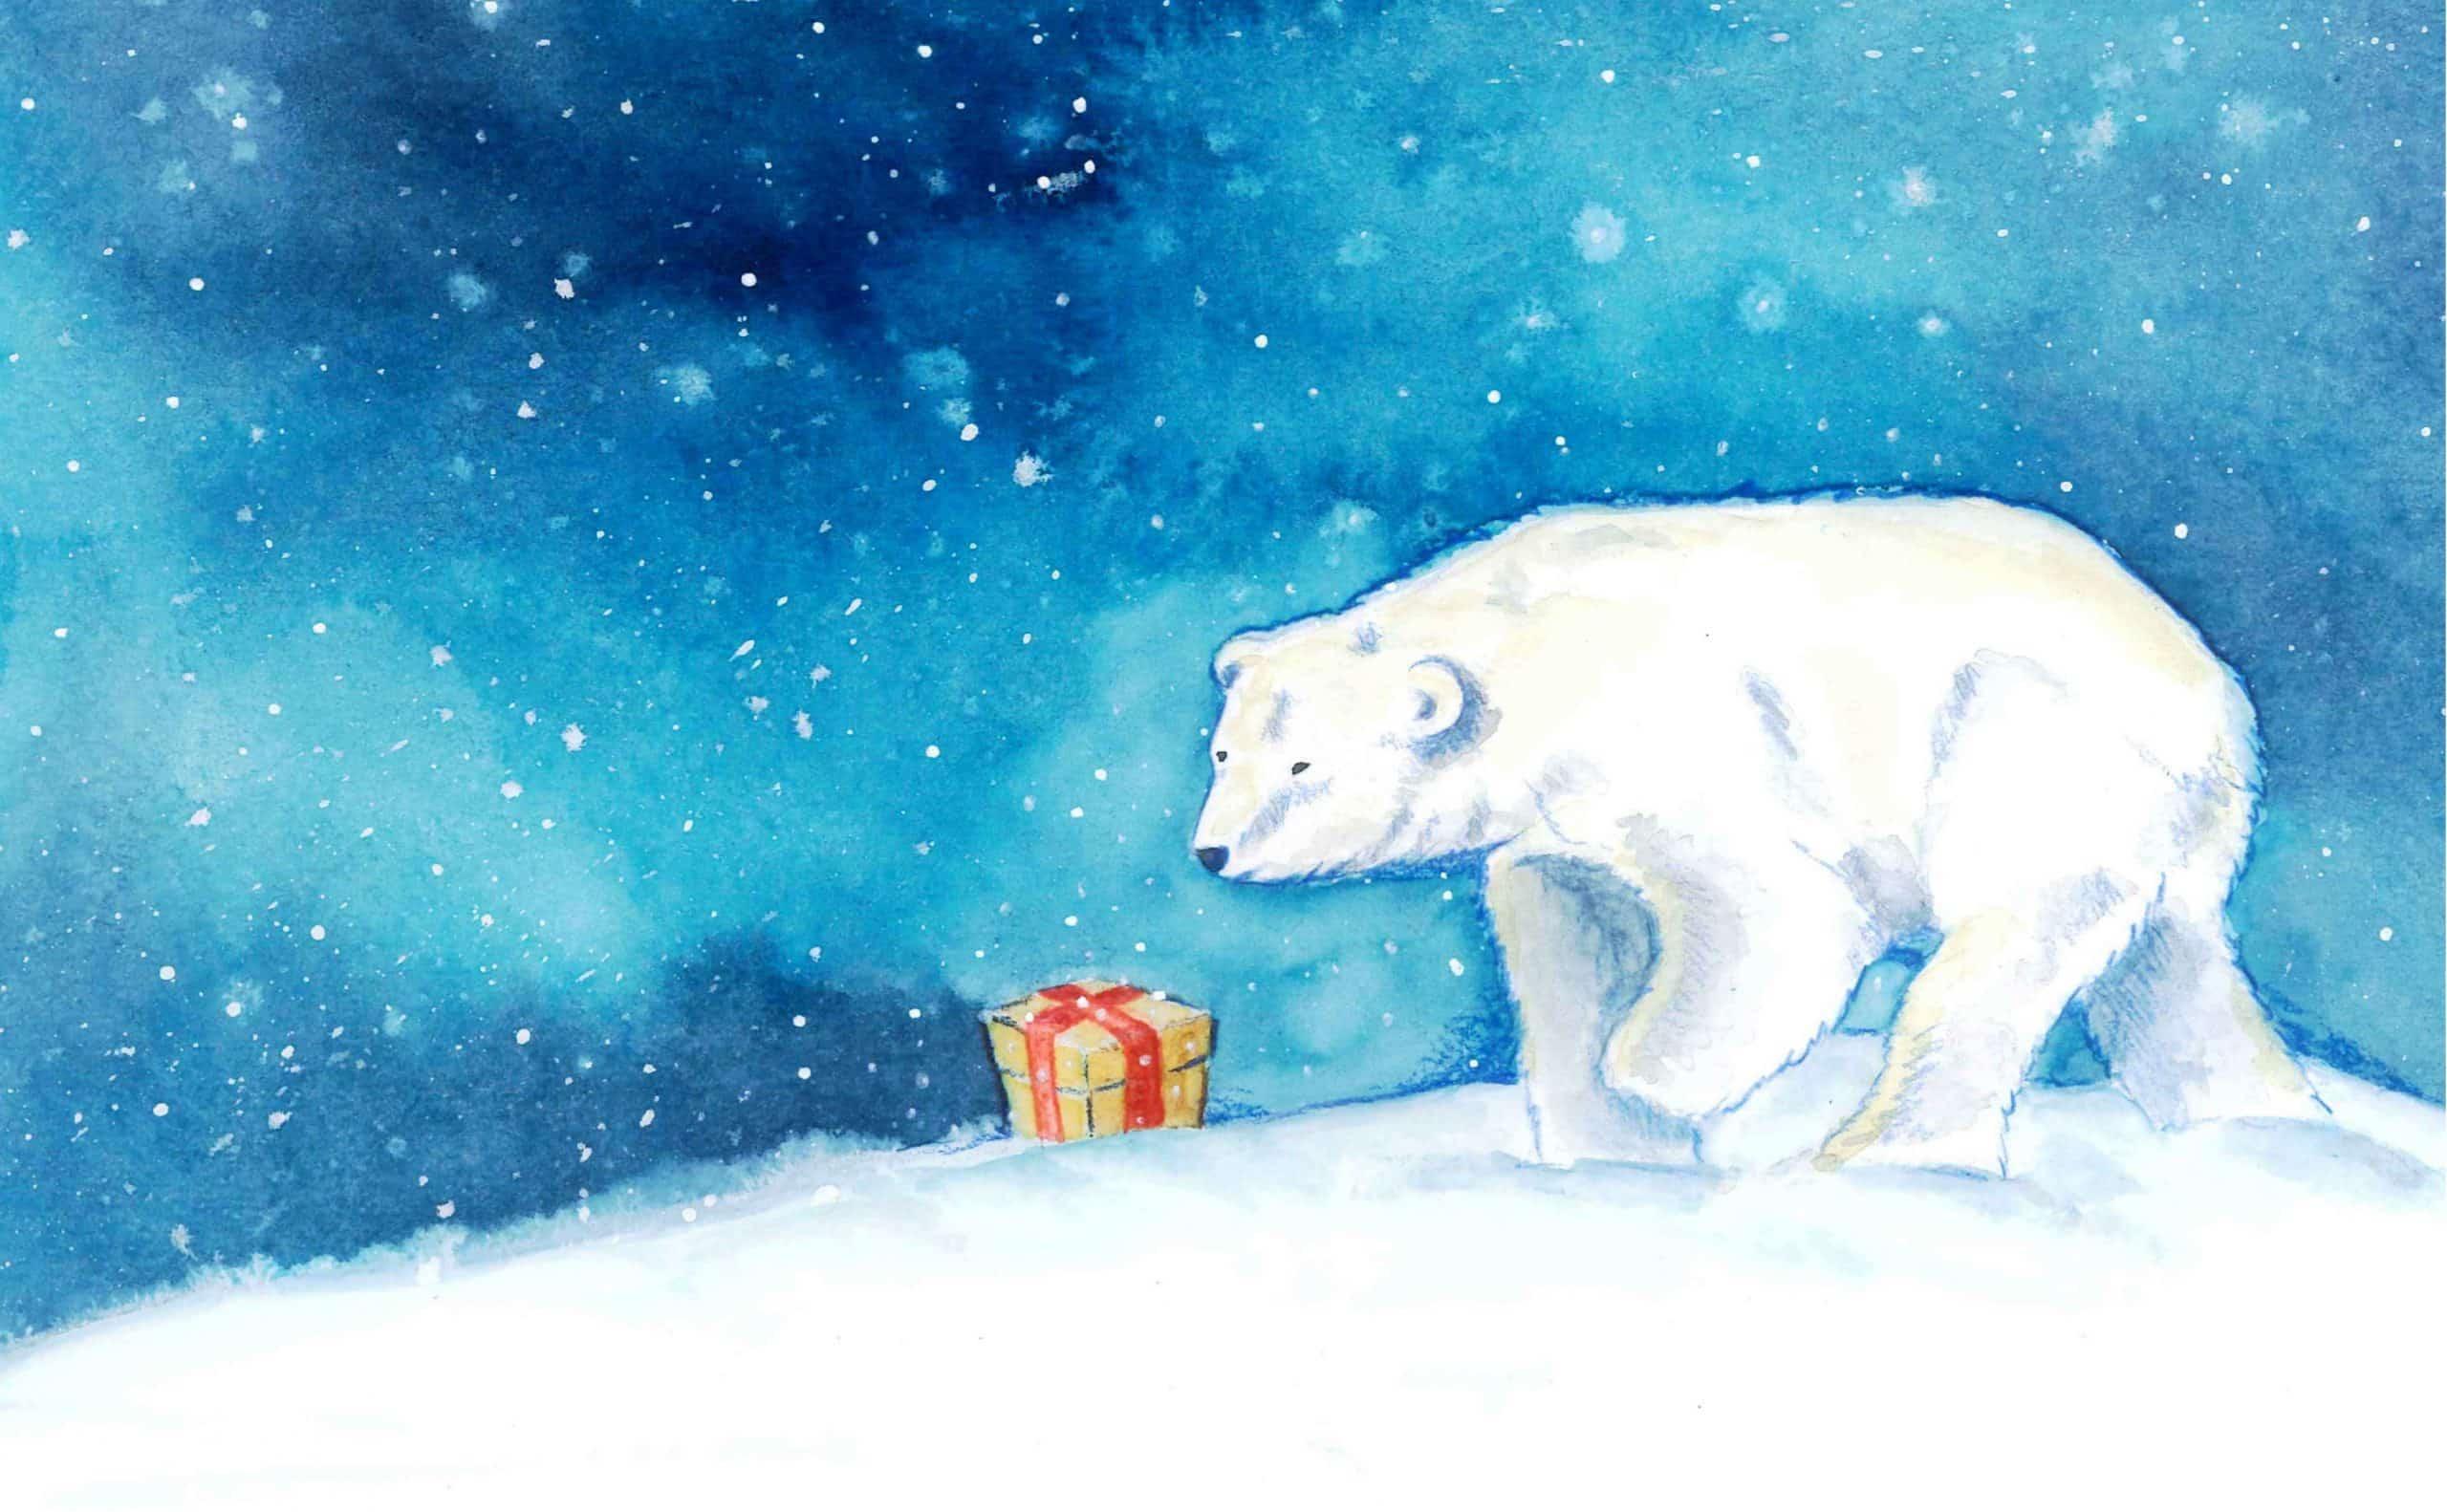 Weihnachtsgedichte Für Kinder • Weihnachtsgedichte • Briefeguru für Weihnachtsgedichte Grundschulkinder